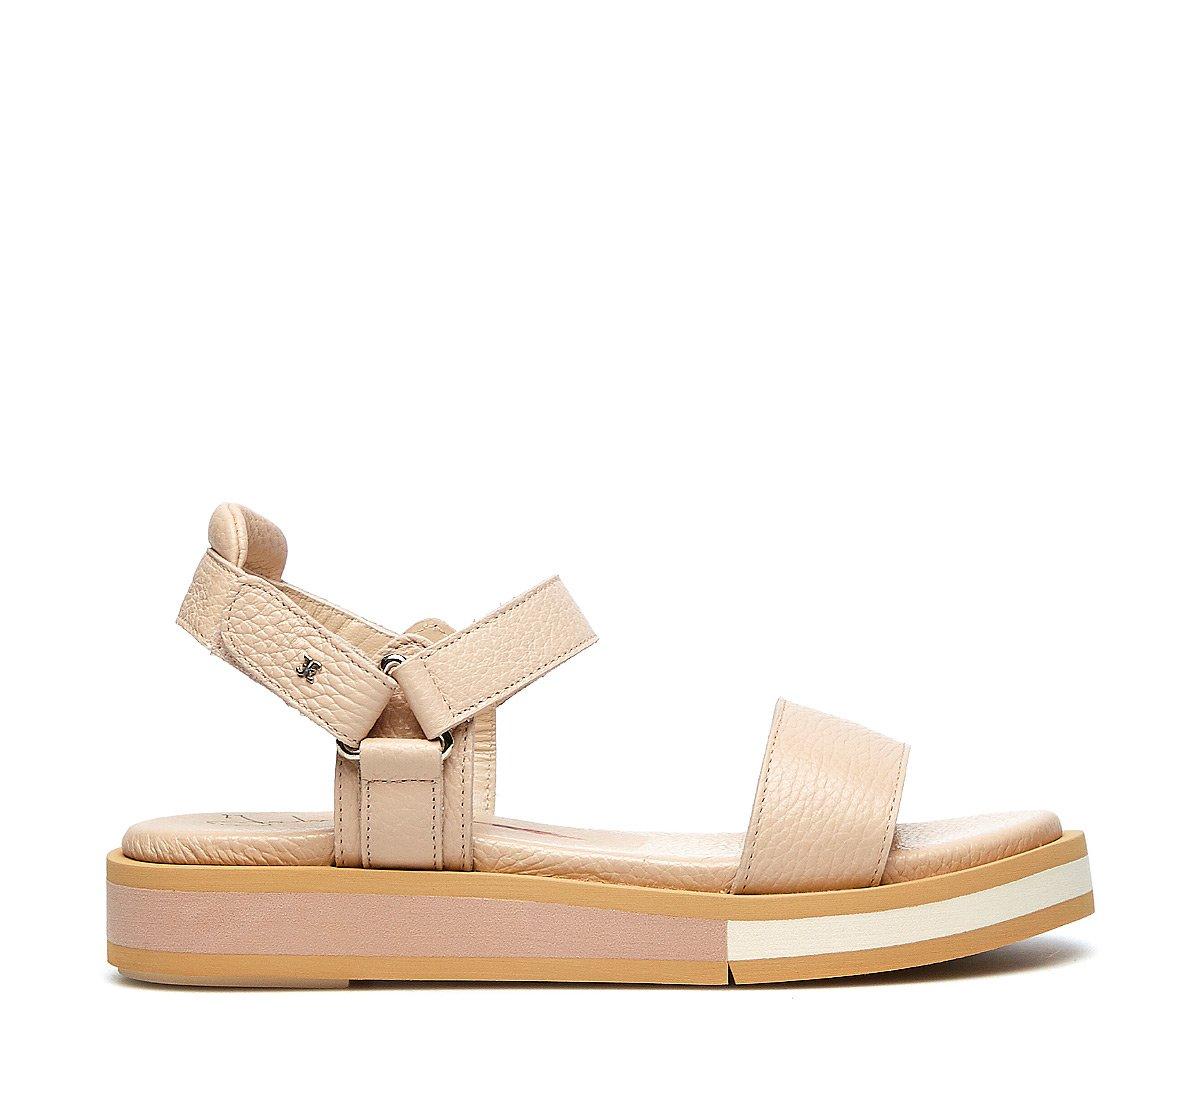 Calfskin sandals